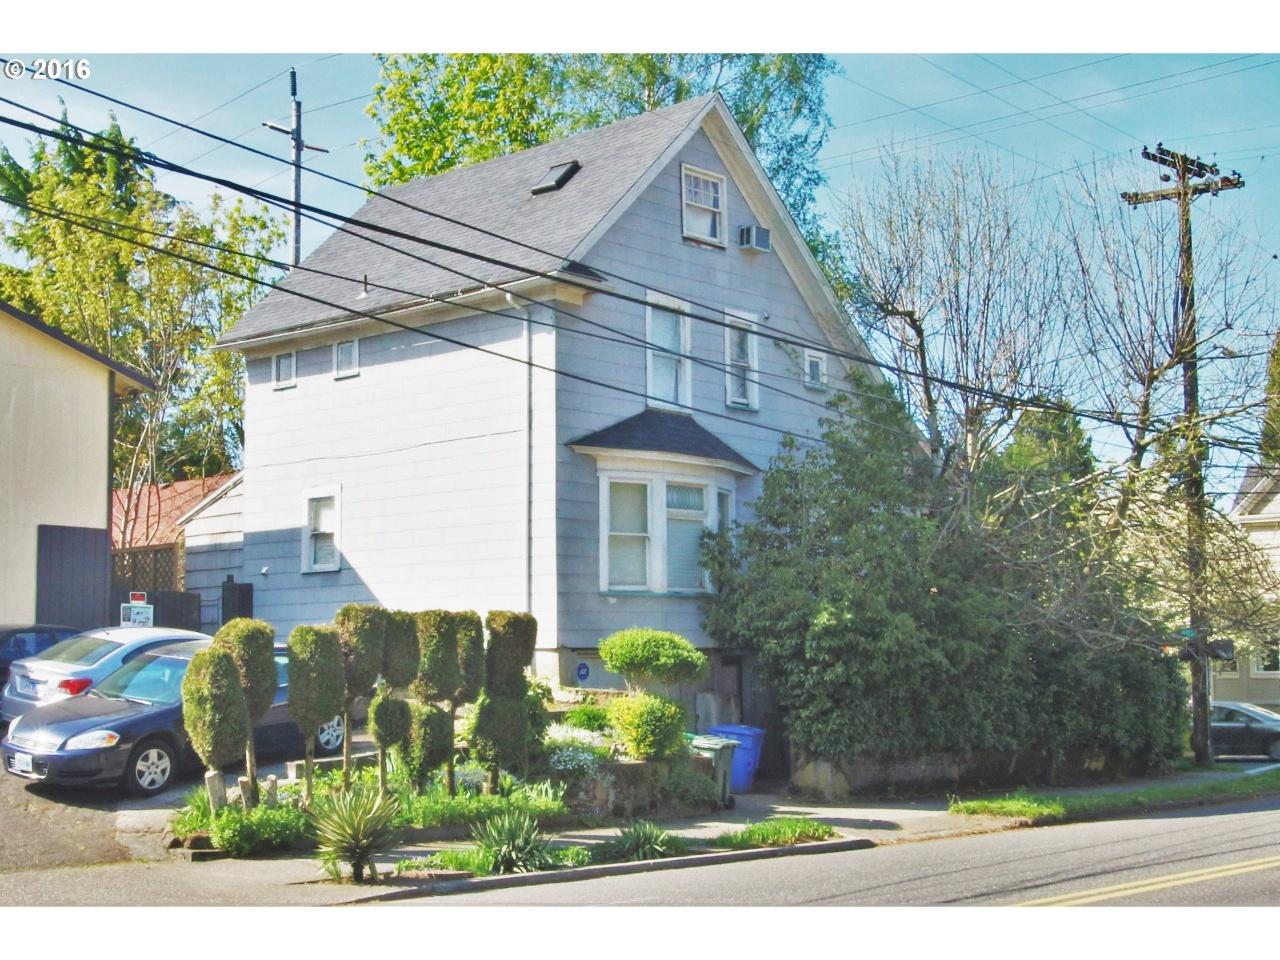 1936 SE Stark St, Portland, OR 97214   MLS# 16075926   Redfin